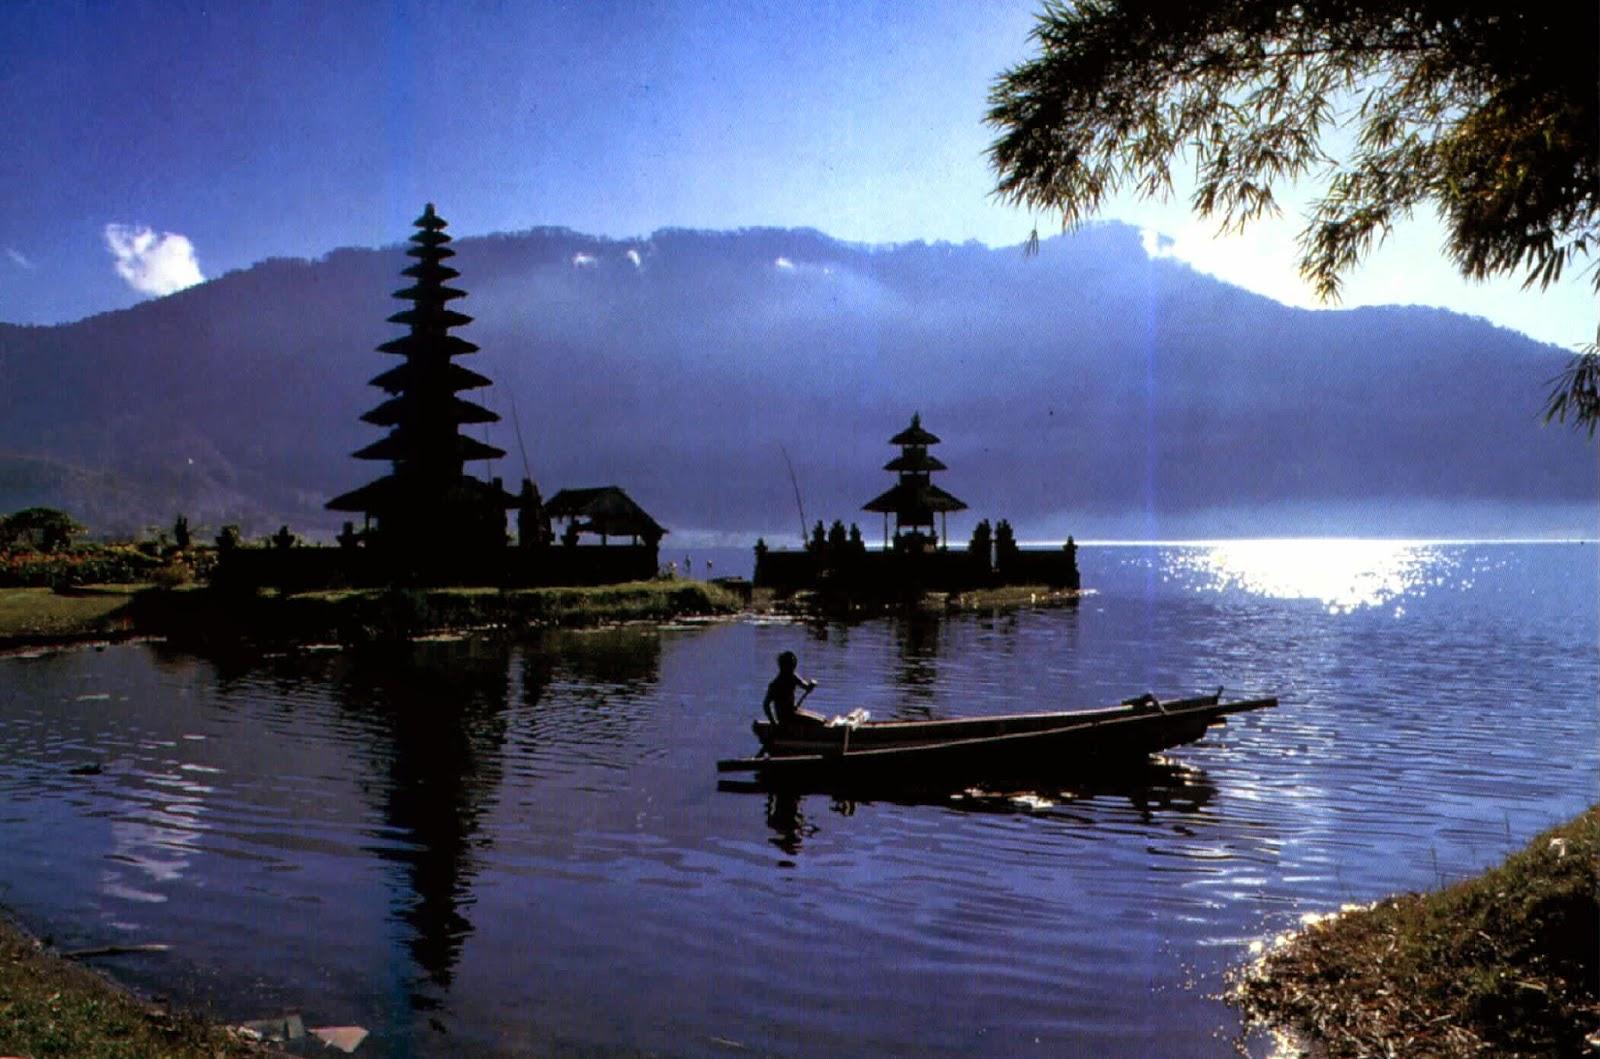 Sejarah Tempat Wisata Danau Beratan Bedugul